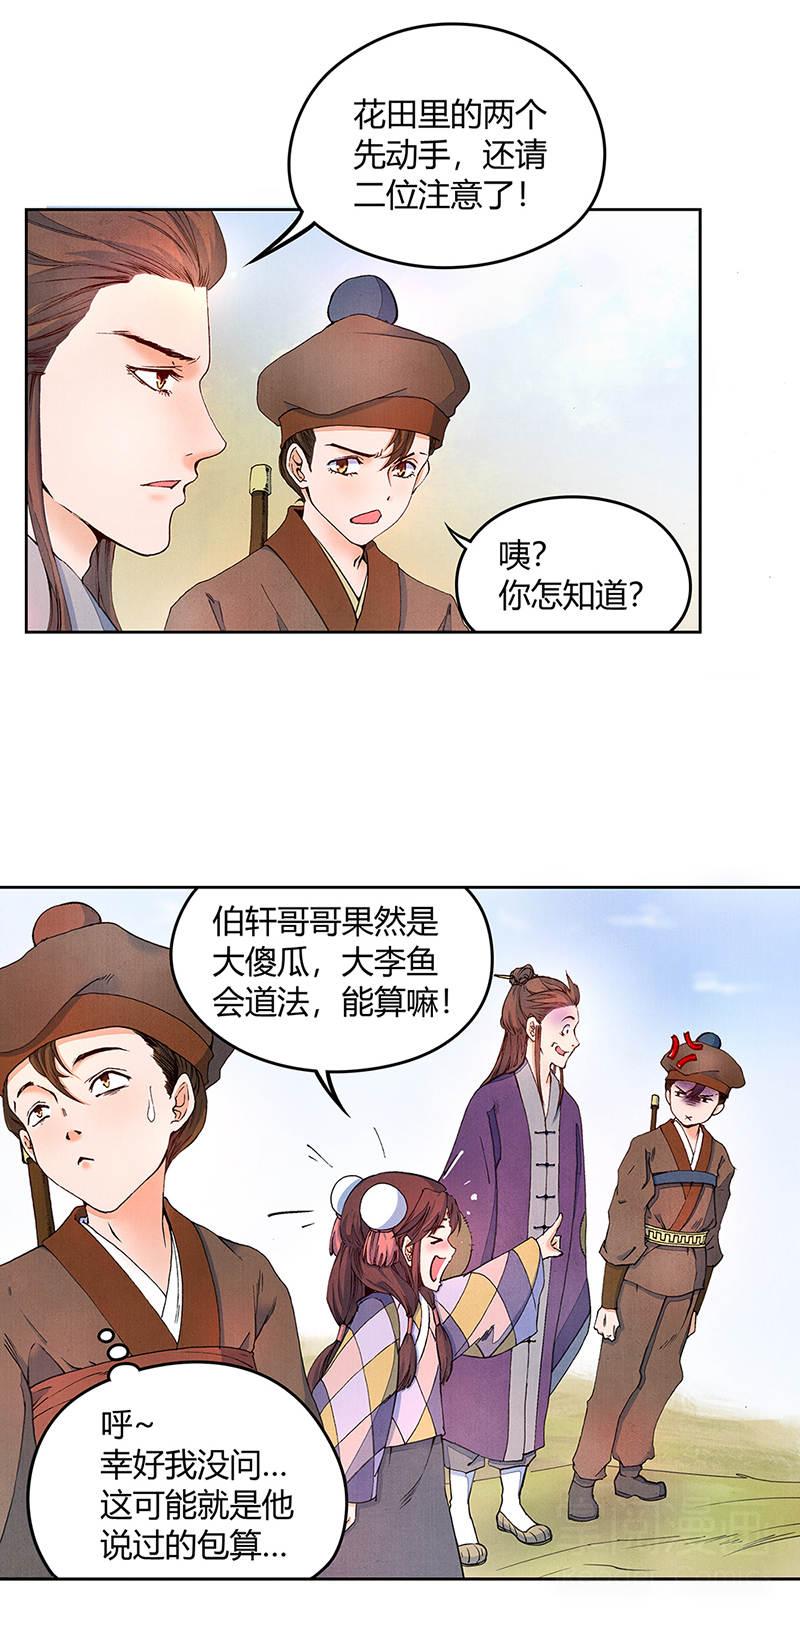 逍遥游第30话  神闲气定刃有余 第 5